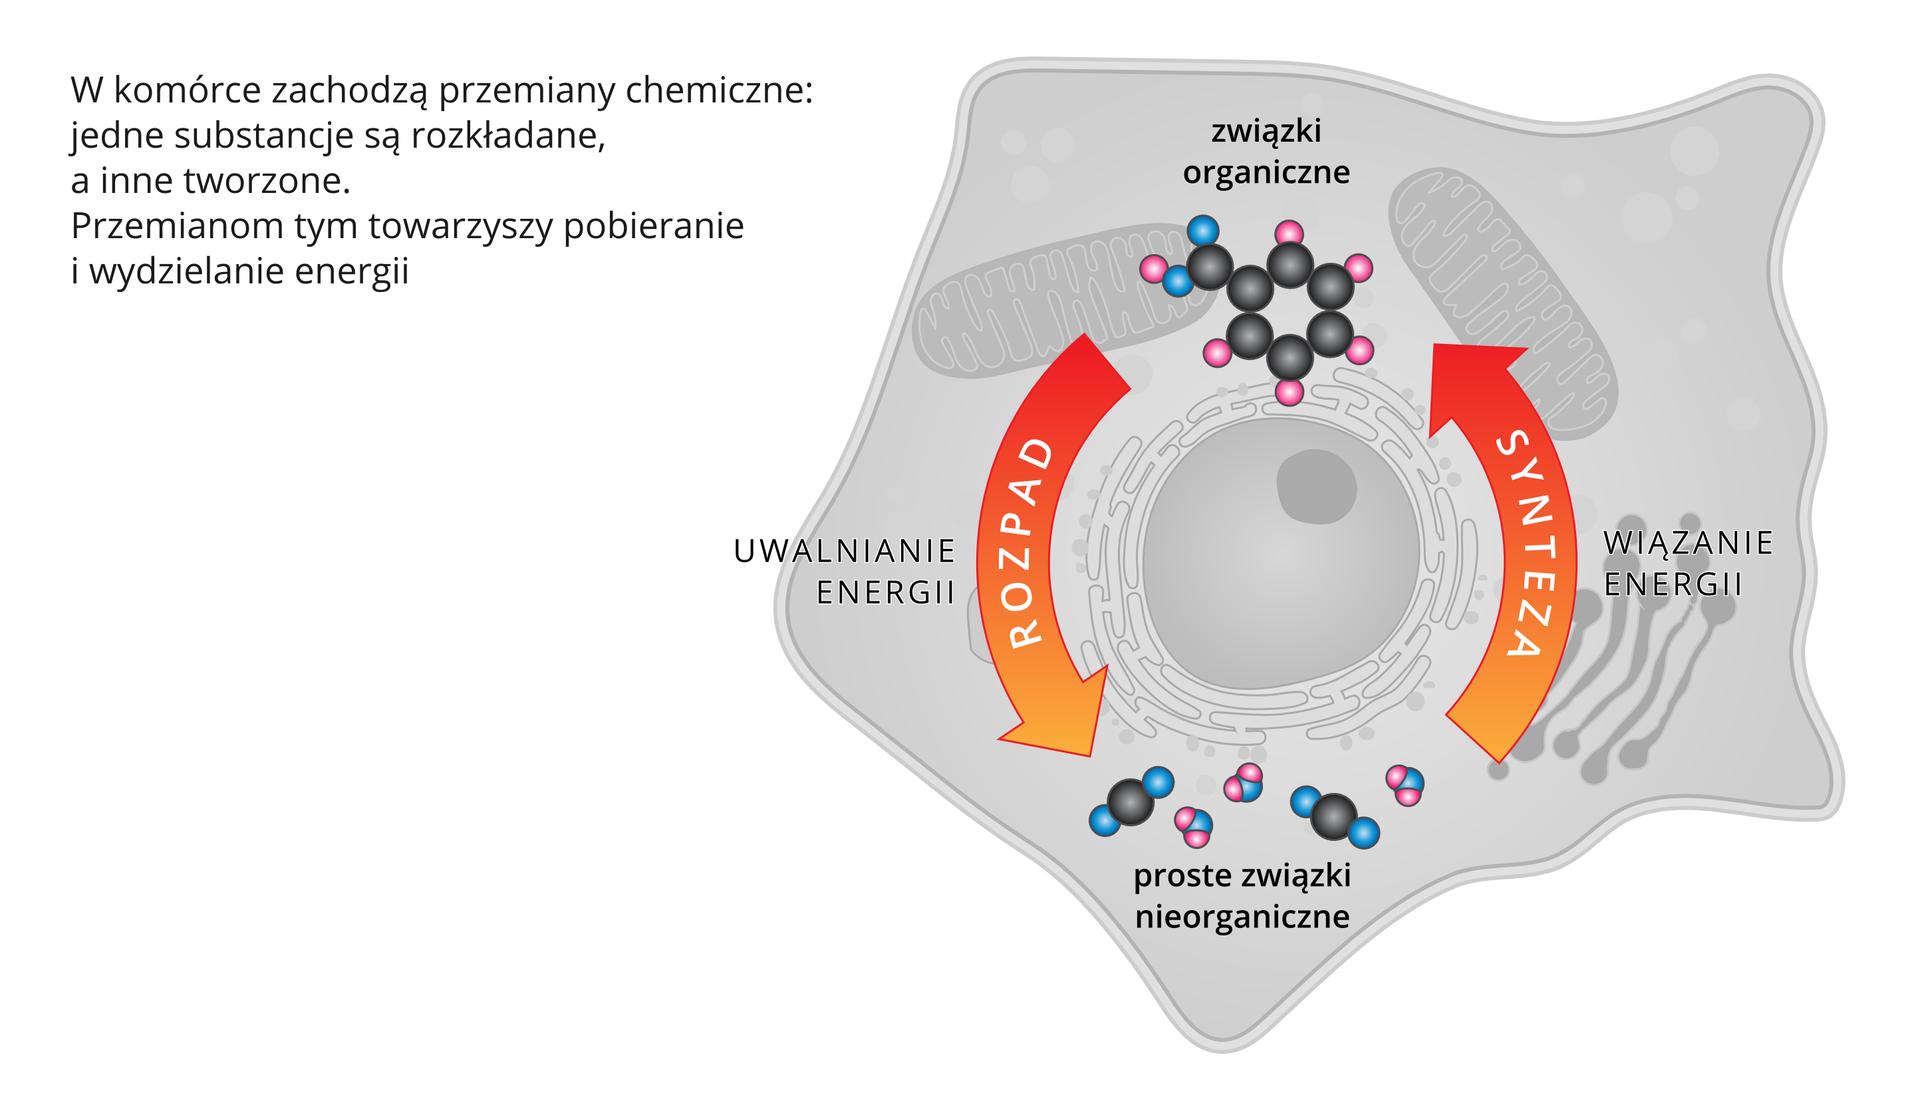 Ilustracja przedstawia schemat przemiany materii ienergii wkomórce. Wwyniku przemian chemicznych jedne substancje są rozkładane ainne tworzone. Procesom tym towarzyszy pobieranie iuwalnianie energii.